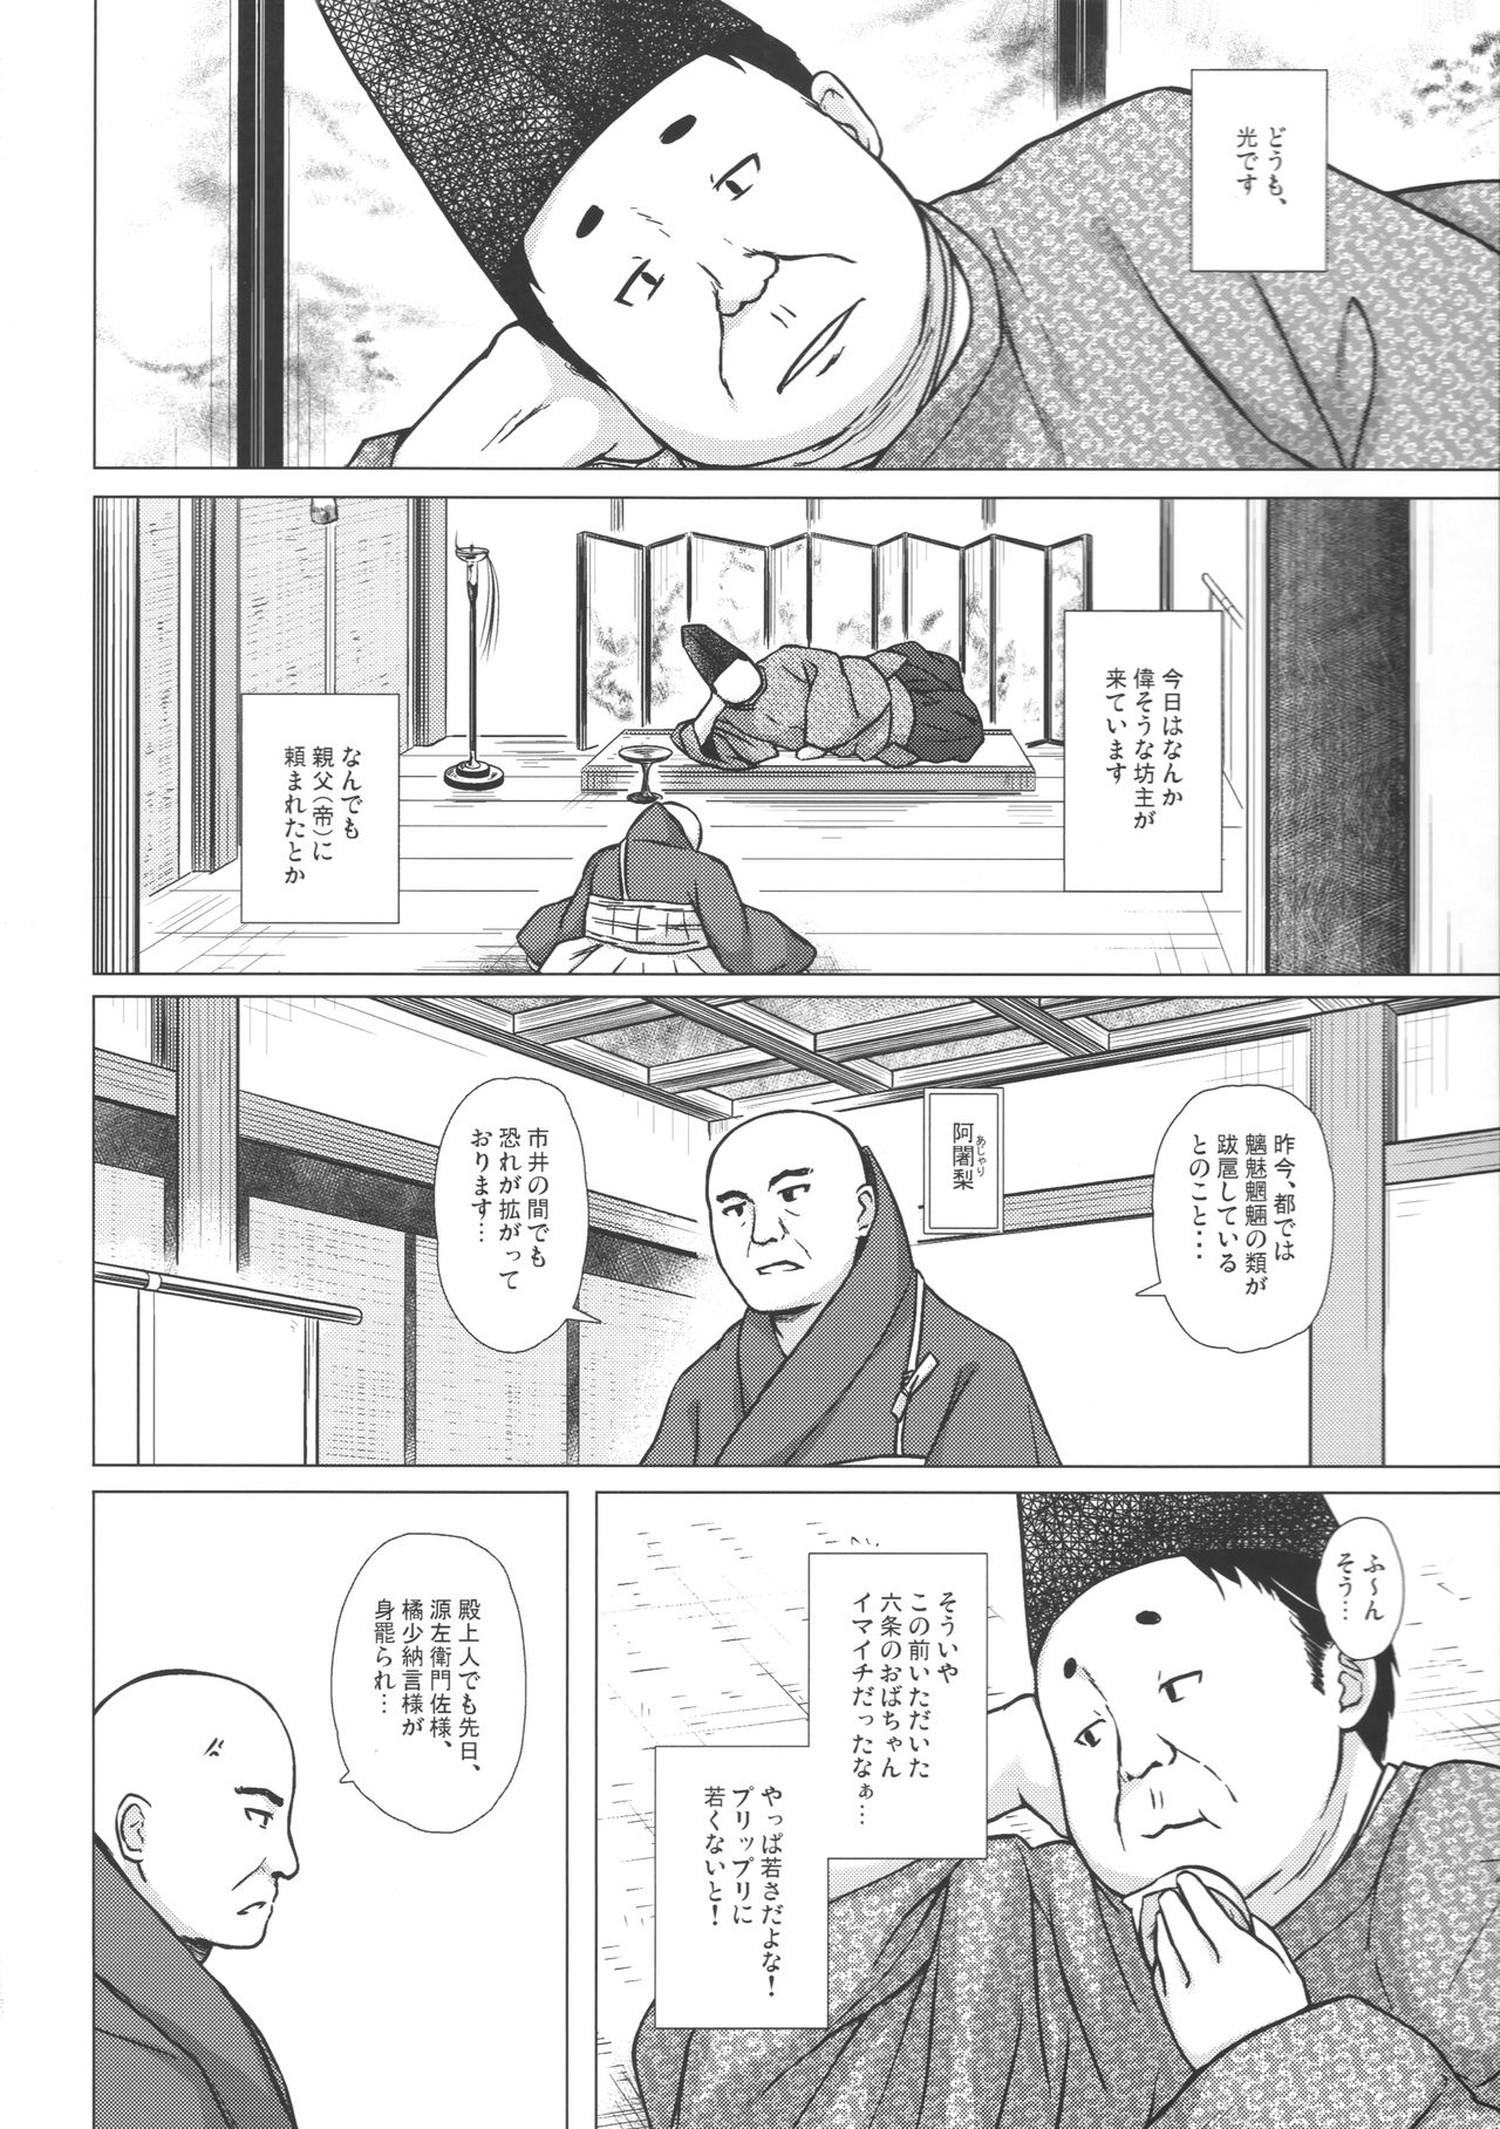 【エロ漫画】人間不信の黒髪幼女を攻略して自分だけのものにwww【無料 エロ同人誌】 (5)